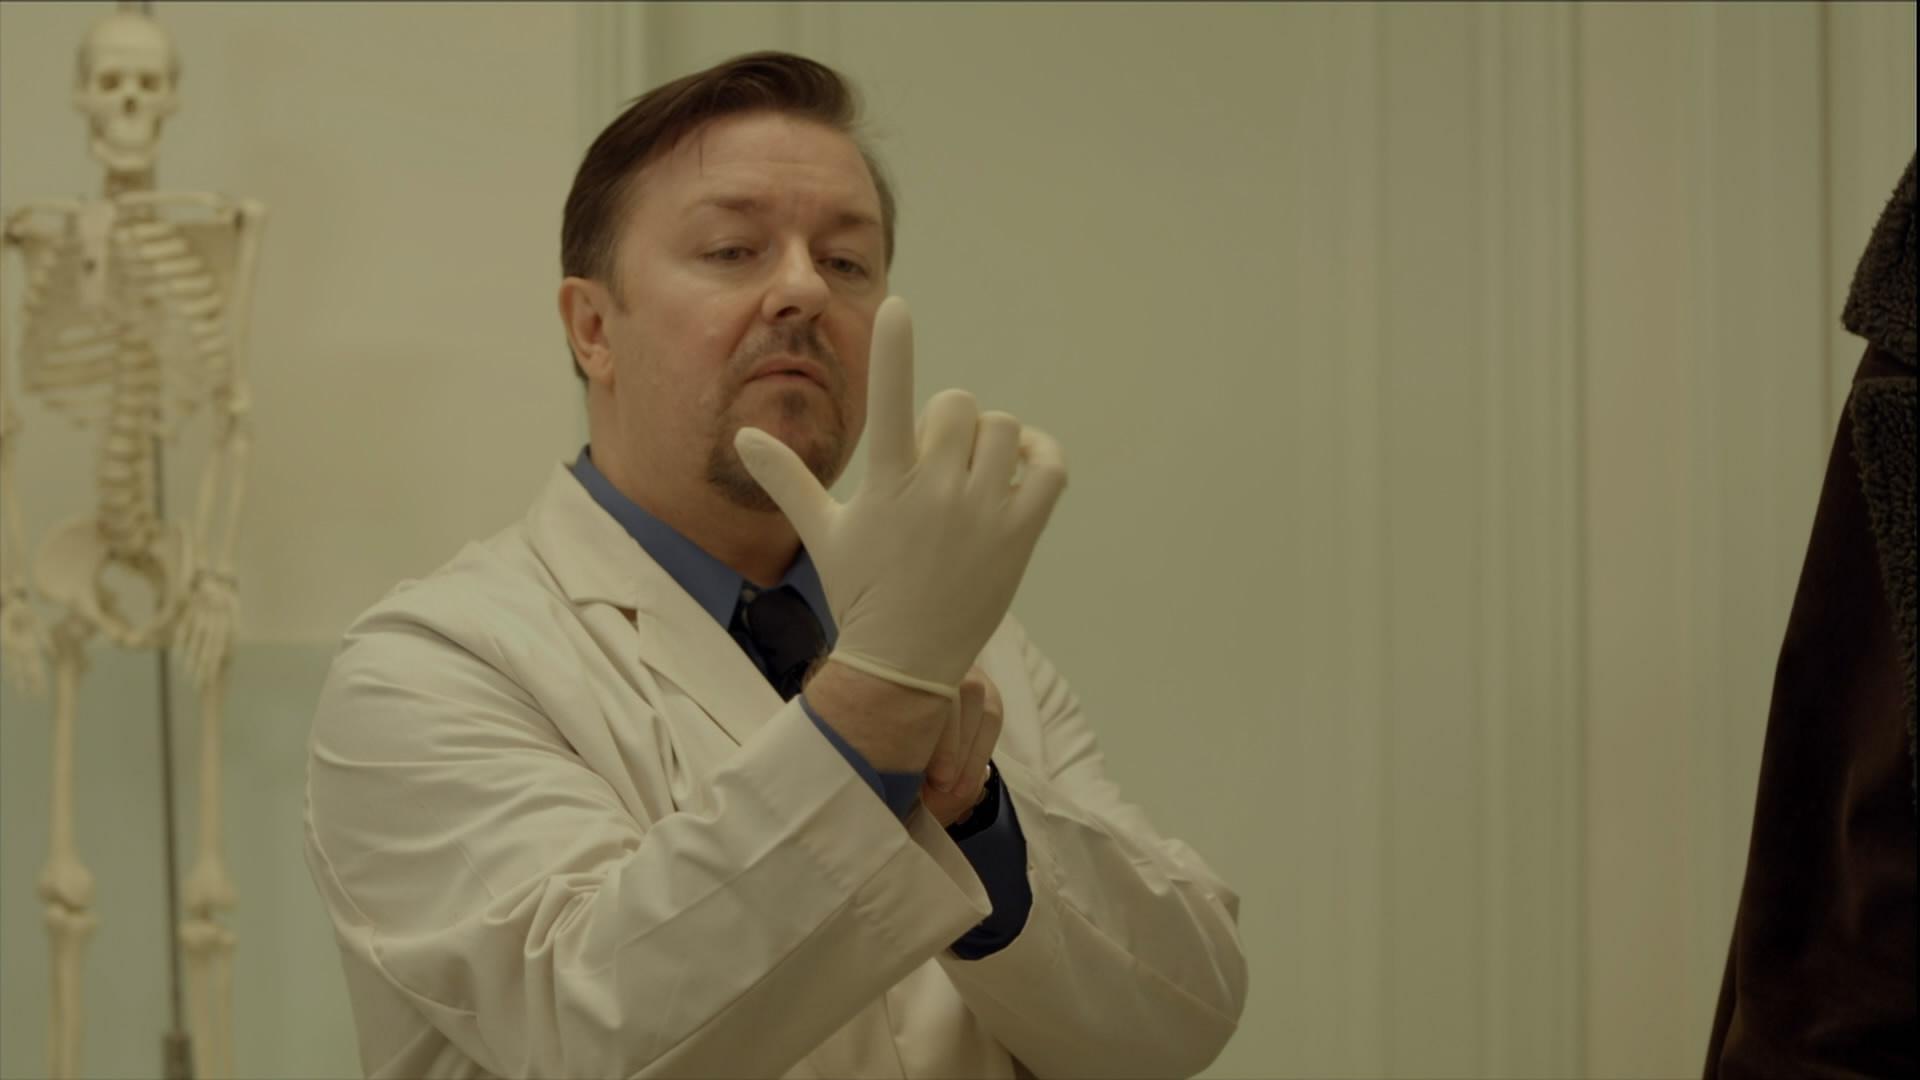 Dépression comique, l'humour à l'âge de plomb : Ricky Gervais, Larry David et Louis CK